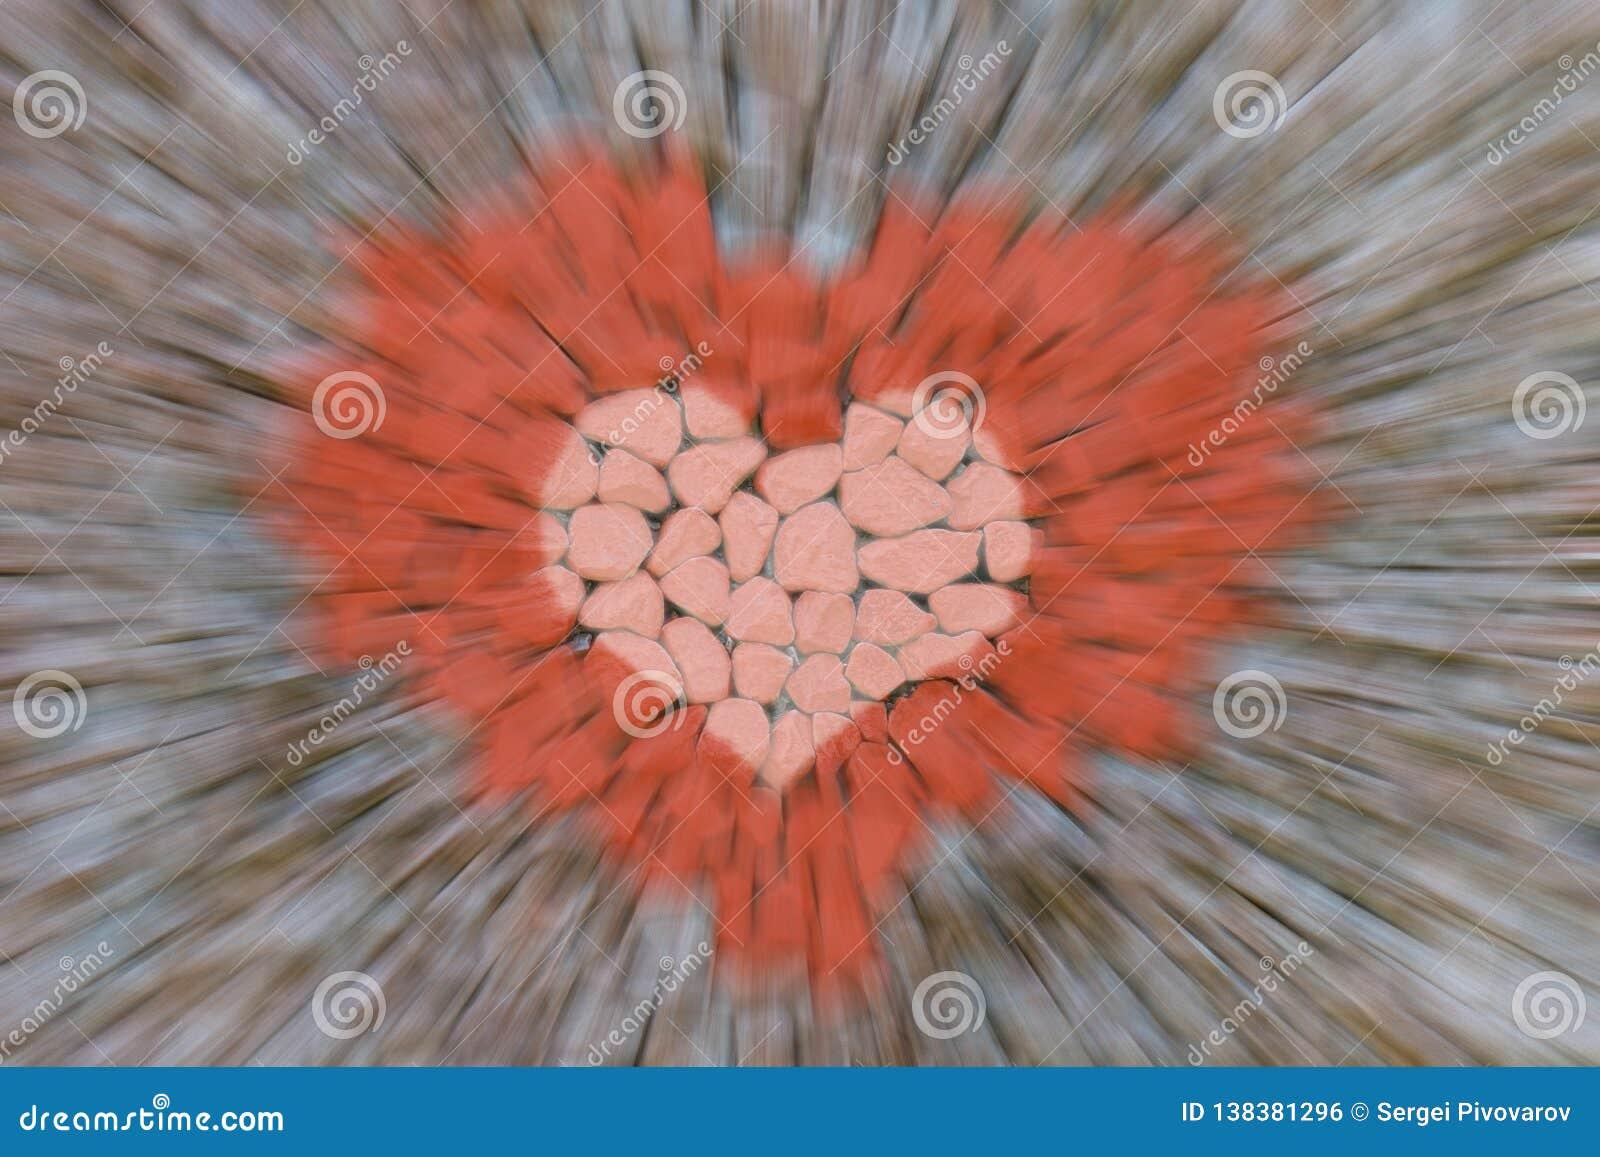 Linhas abstratas do borrão de movimento da aceleração do fundo que aproximam rapidamente o símbolo vermelho da imagem da pedra do